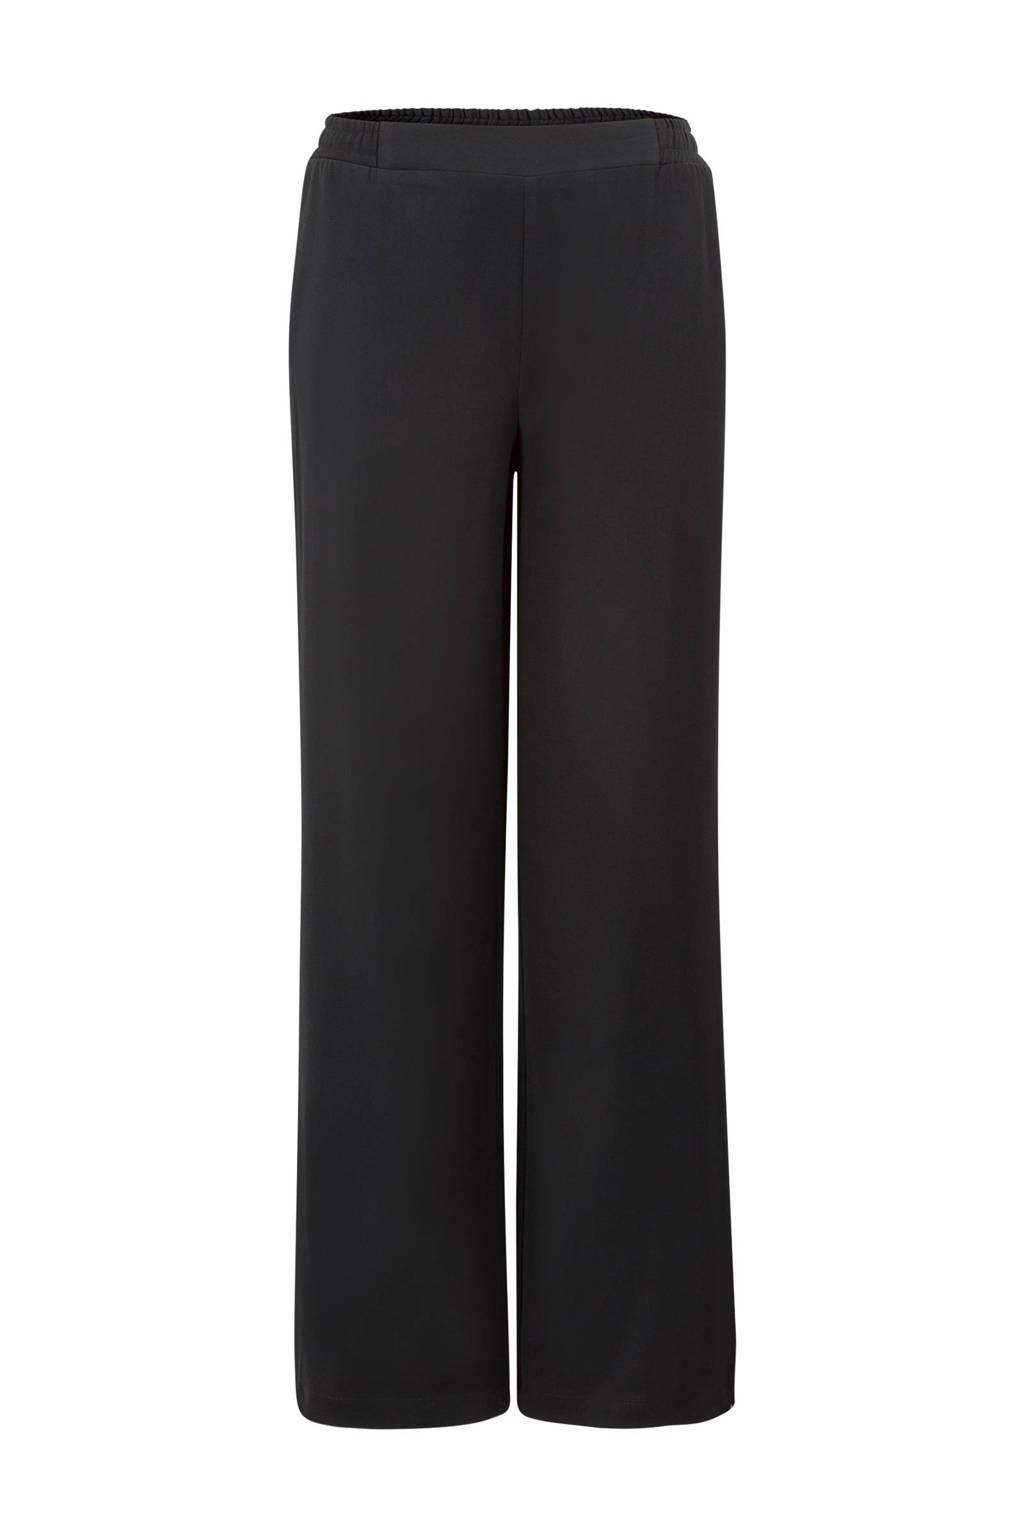 Miss Etam Regulier broek met zijstreep, Zwart